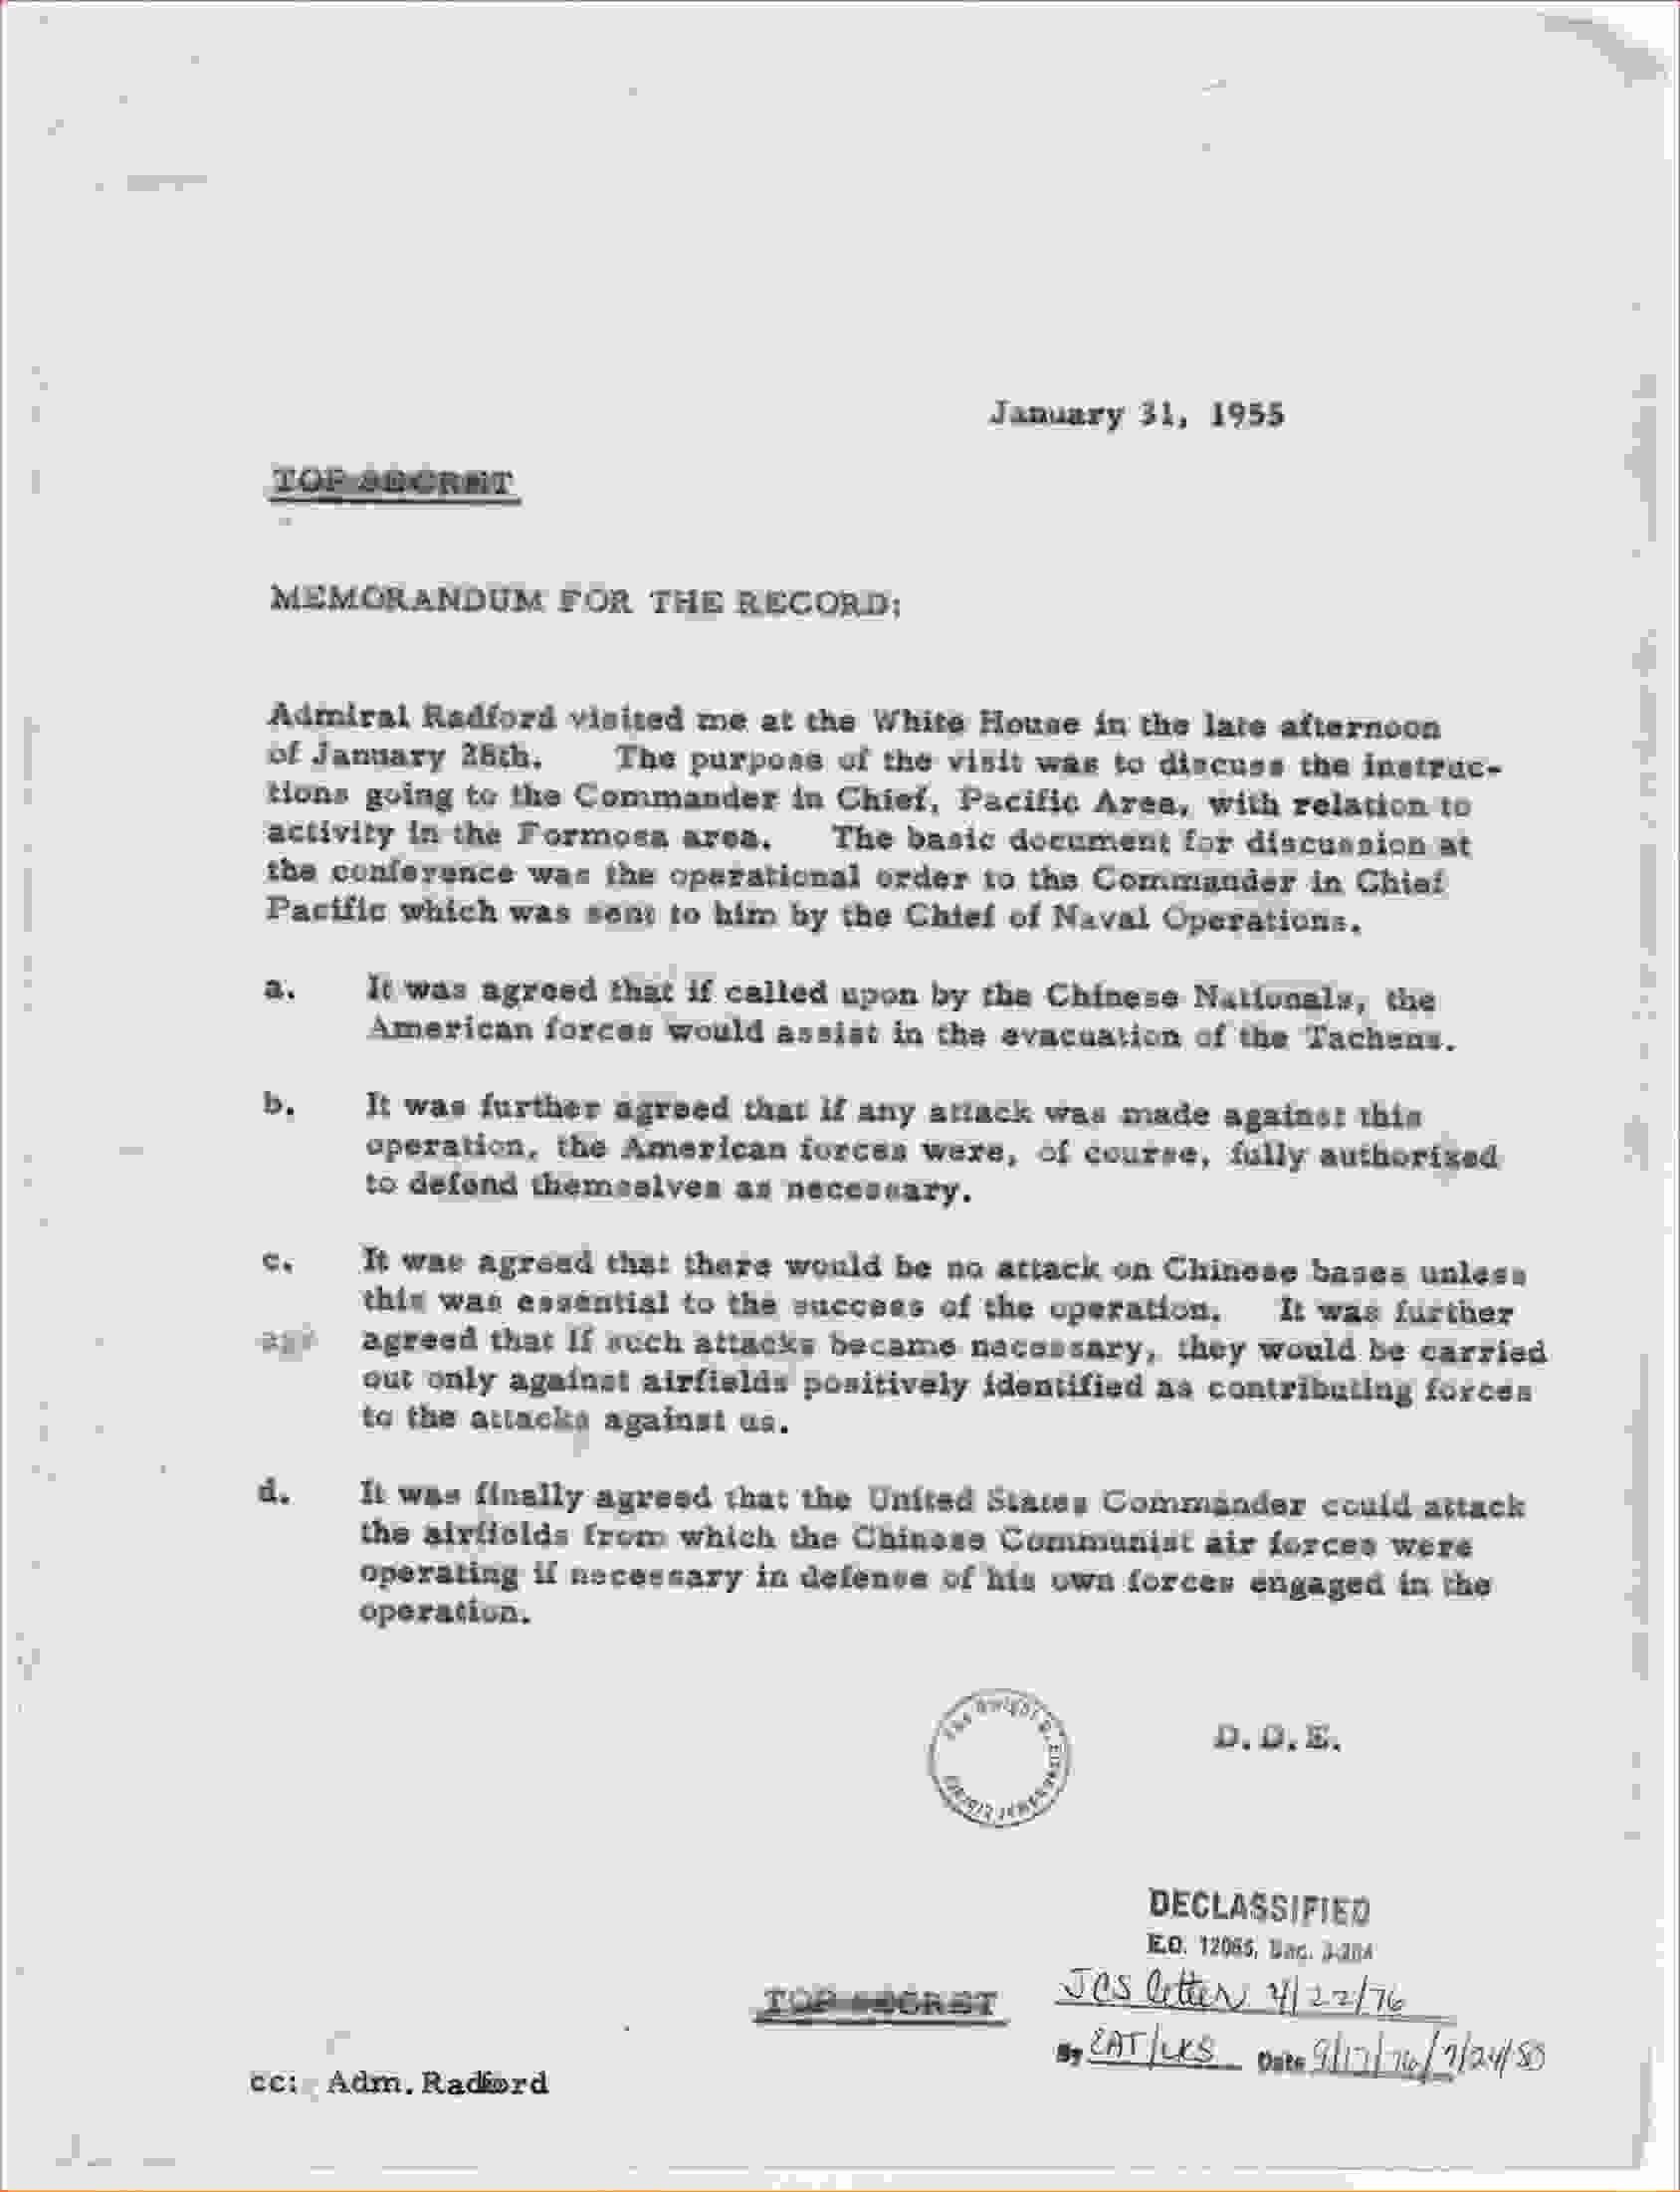 Memorandum Of Record Template Unique 7 Memorandum for Record Template